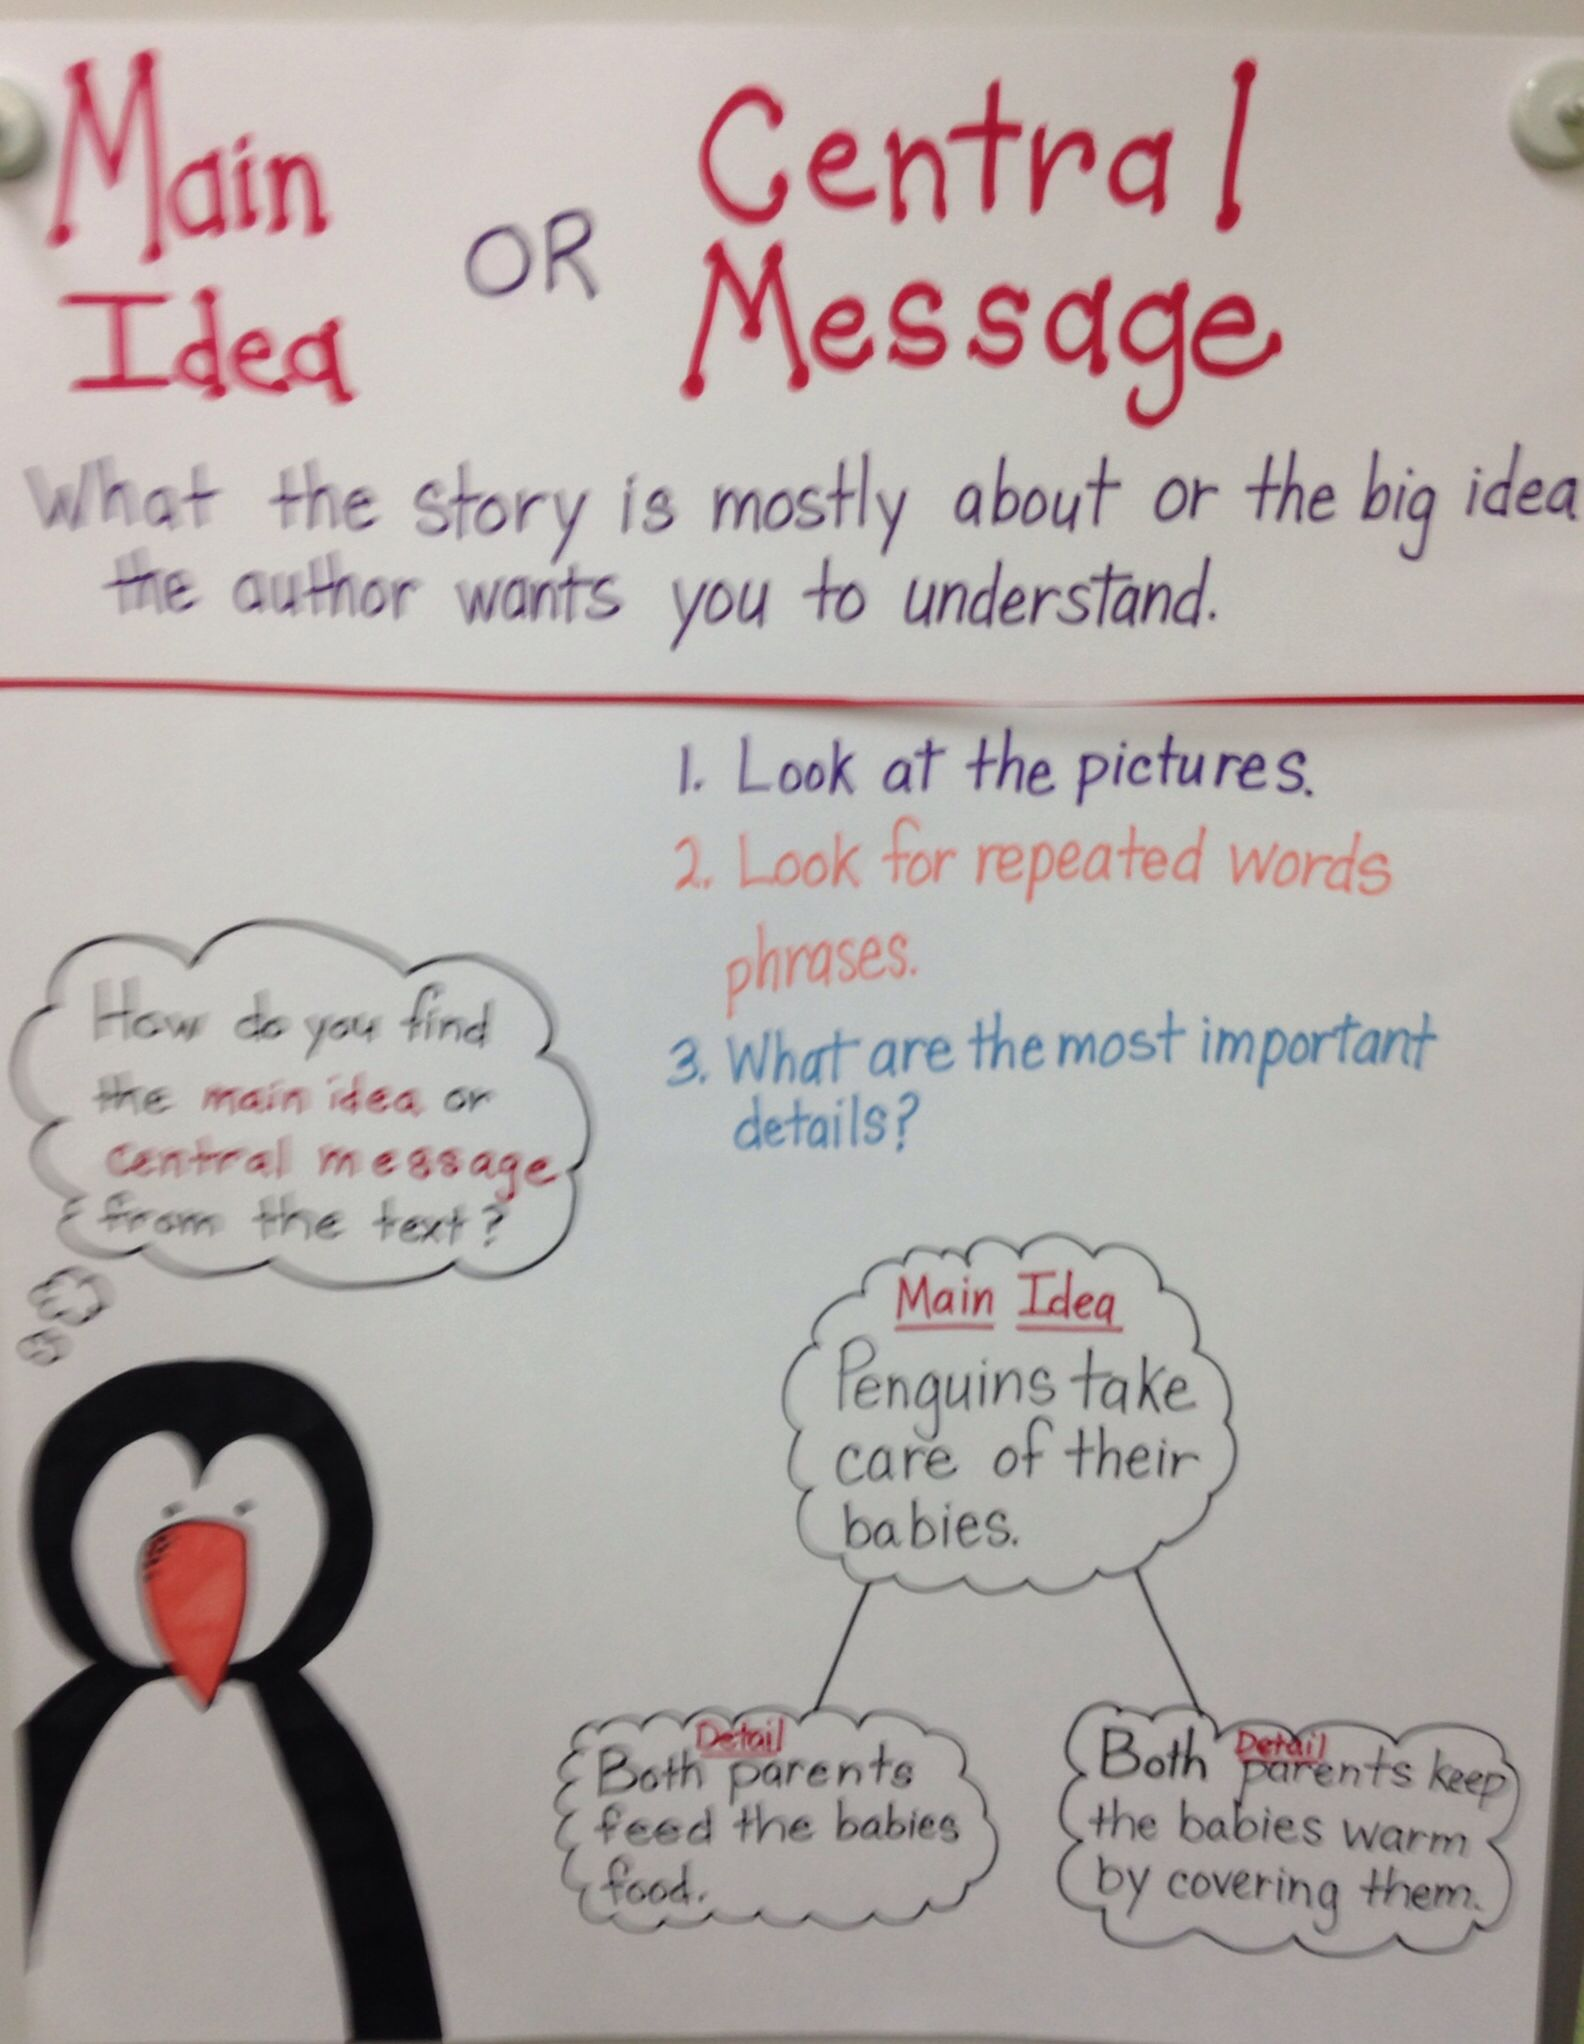 Main Idea Vs Central Message Third Grade Common Core Reading